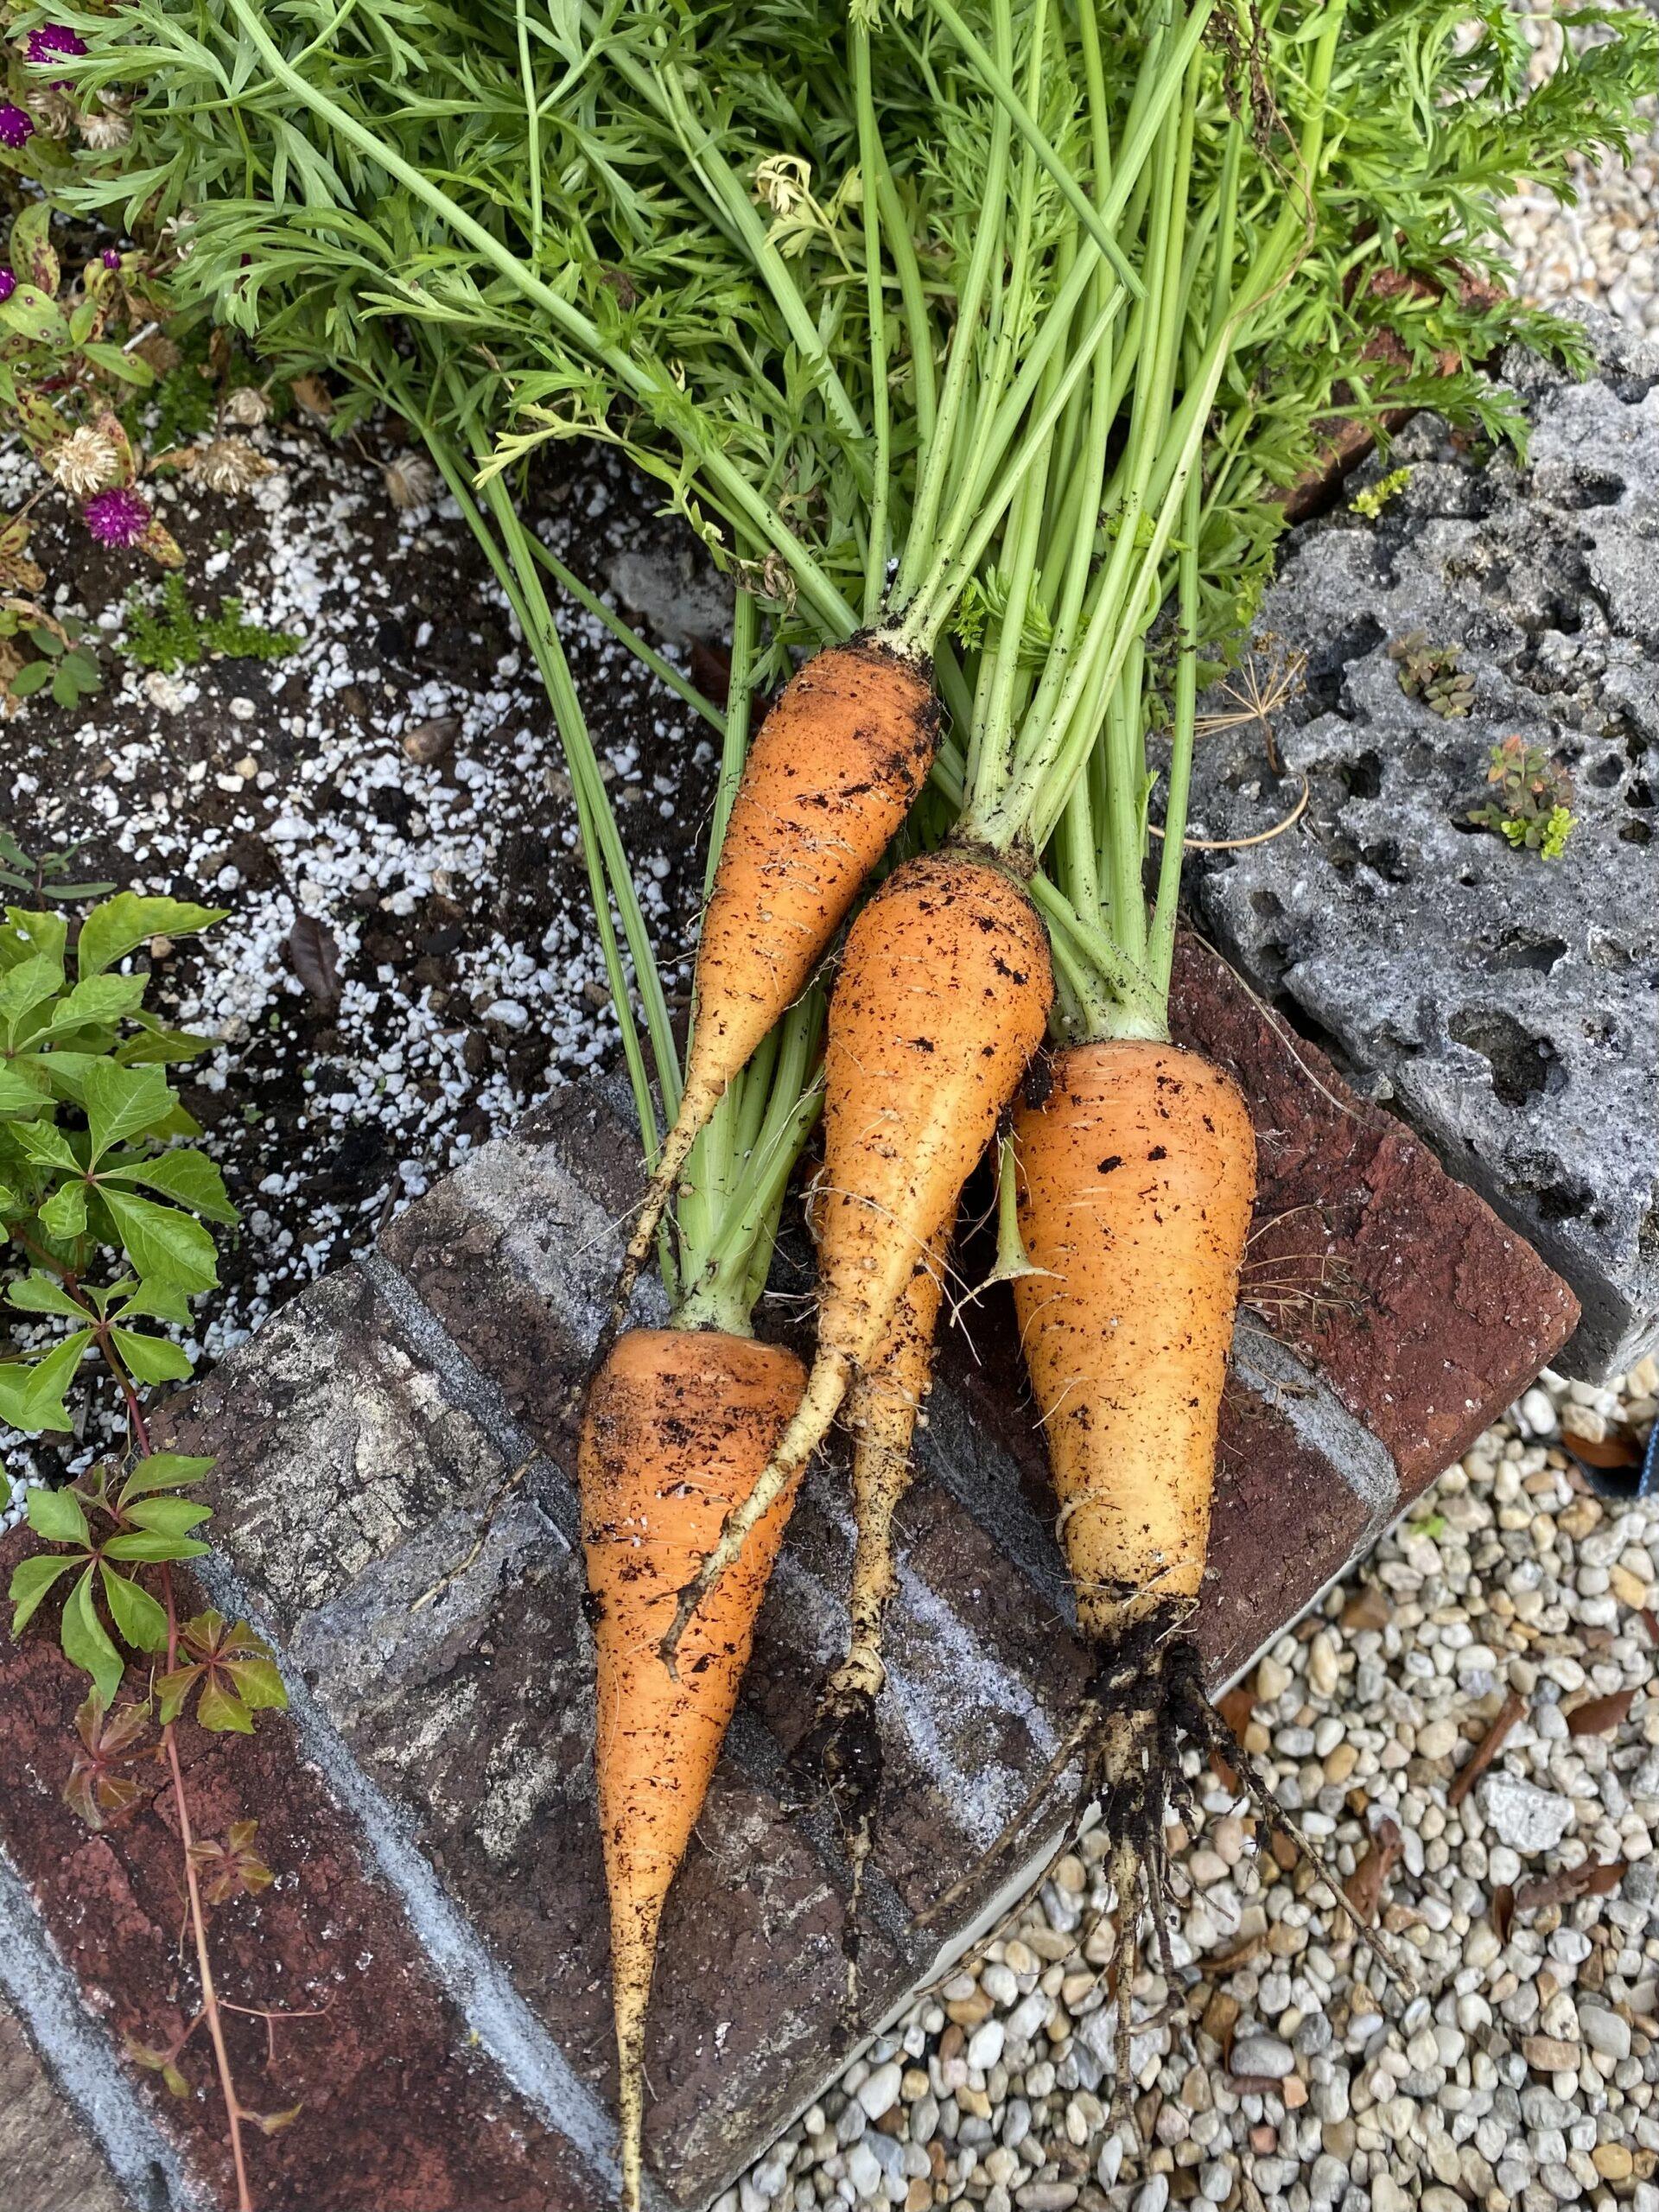 Bunch of orange stout carrots